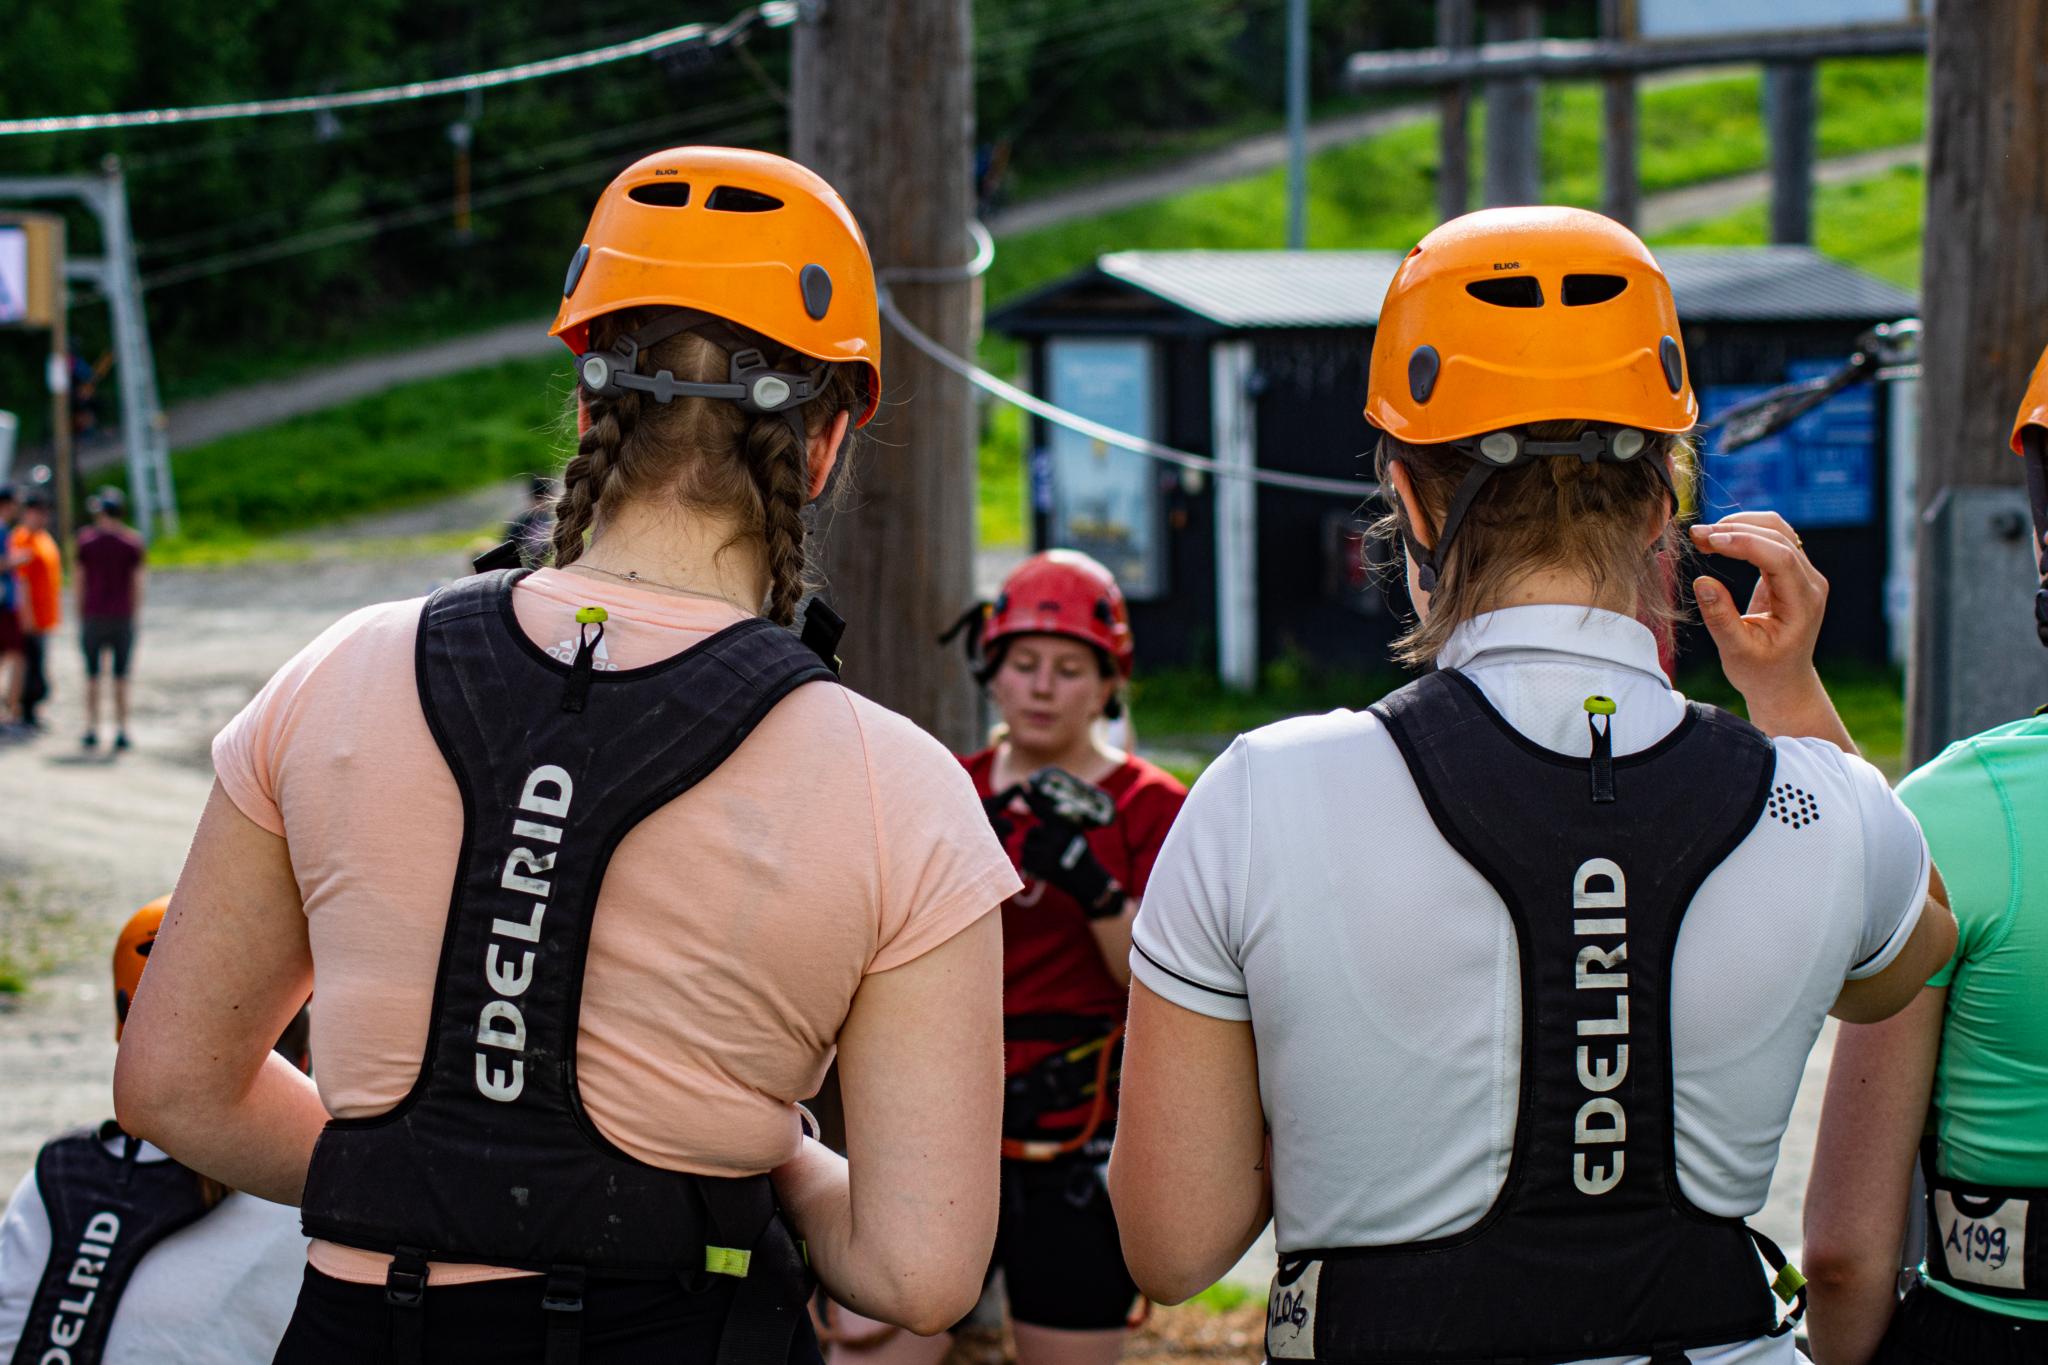 Leija -jutussa käytetty kuva heidän retkestä seikkailupuistoon. Opiskelijoilla on kypärät ja turvallisuus varusteet.